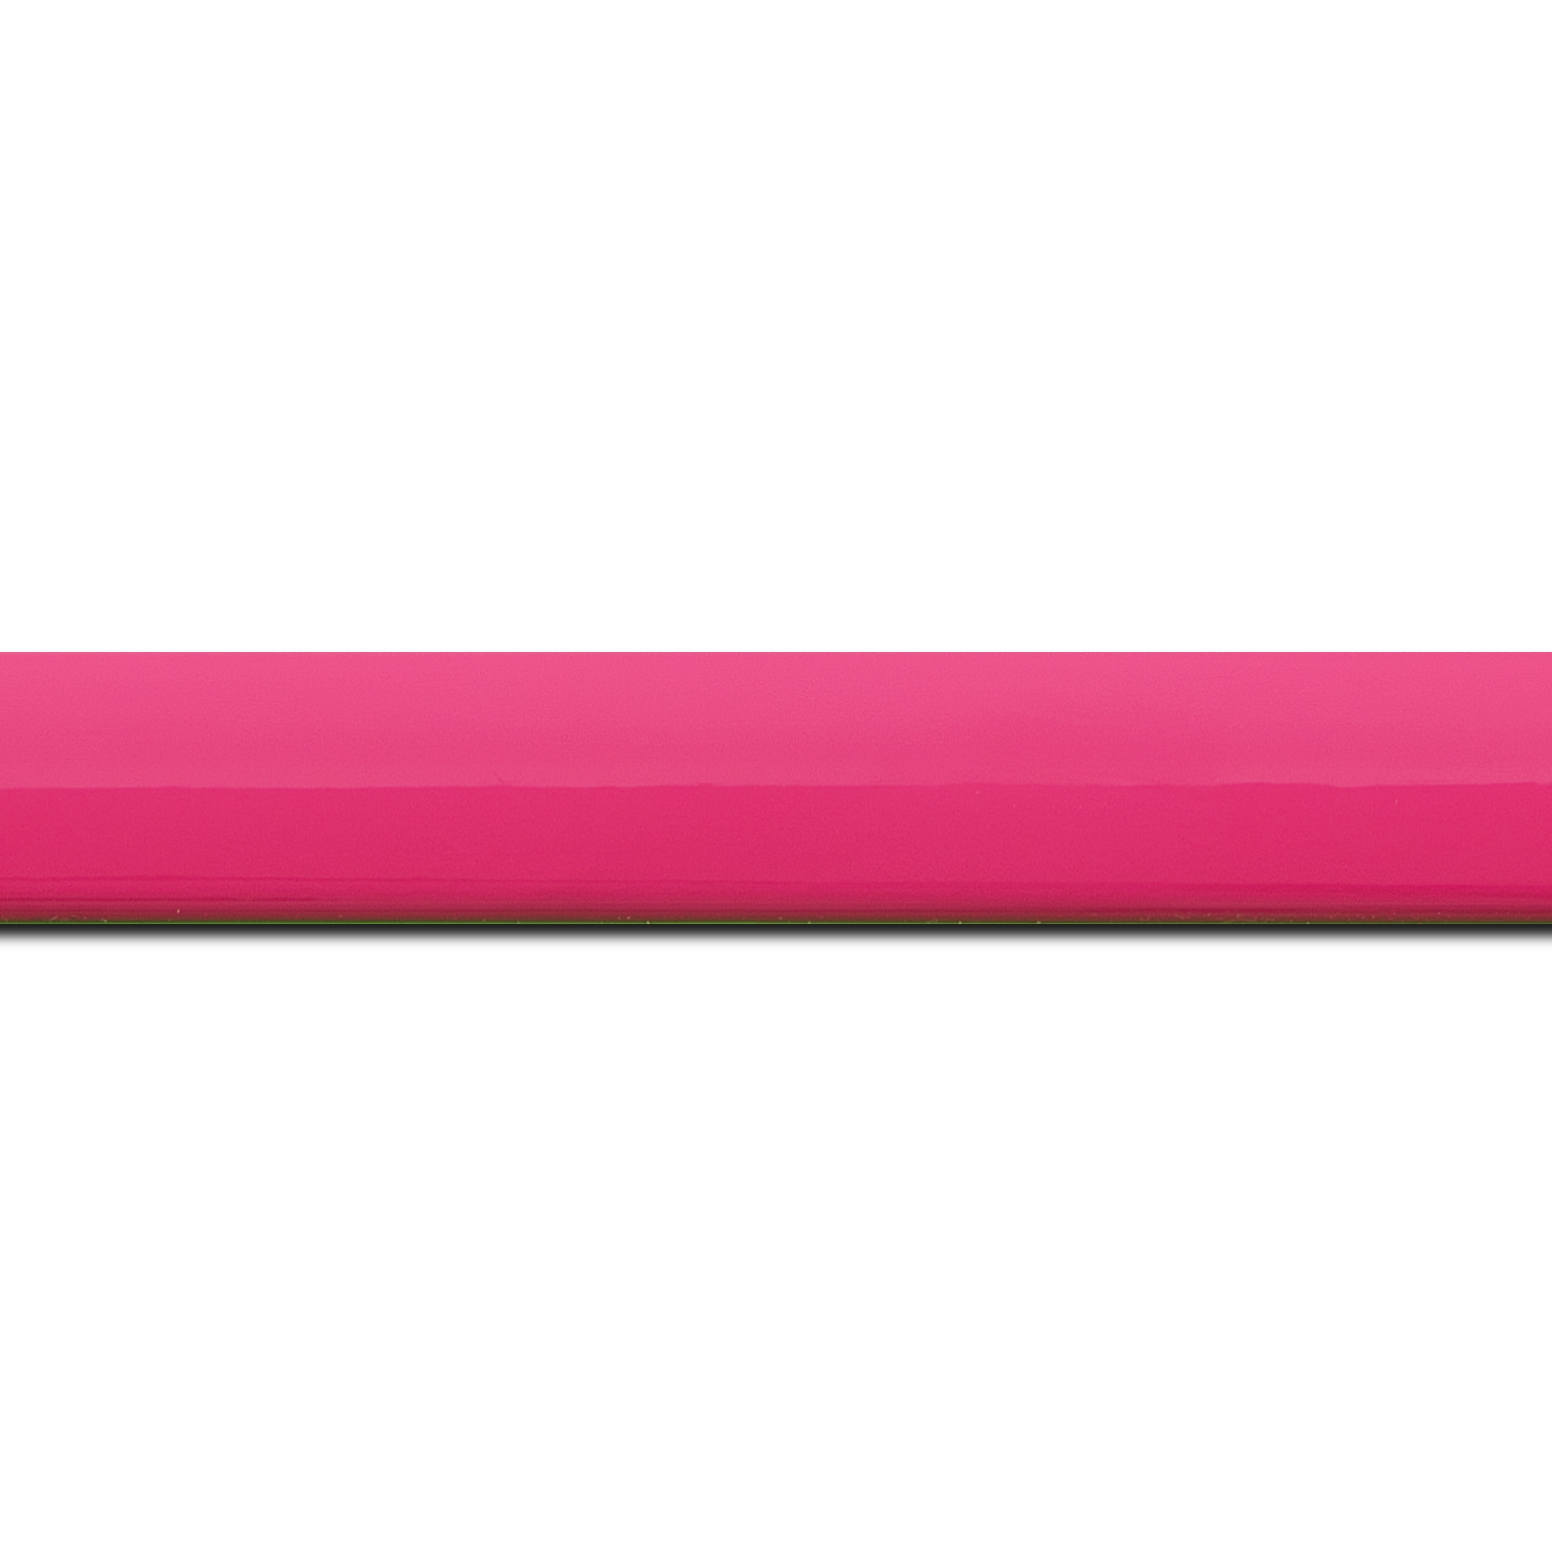 Baguette longueur 1.40m bois profil méplat largeur 2.3cm couleur rose tonique laqué